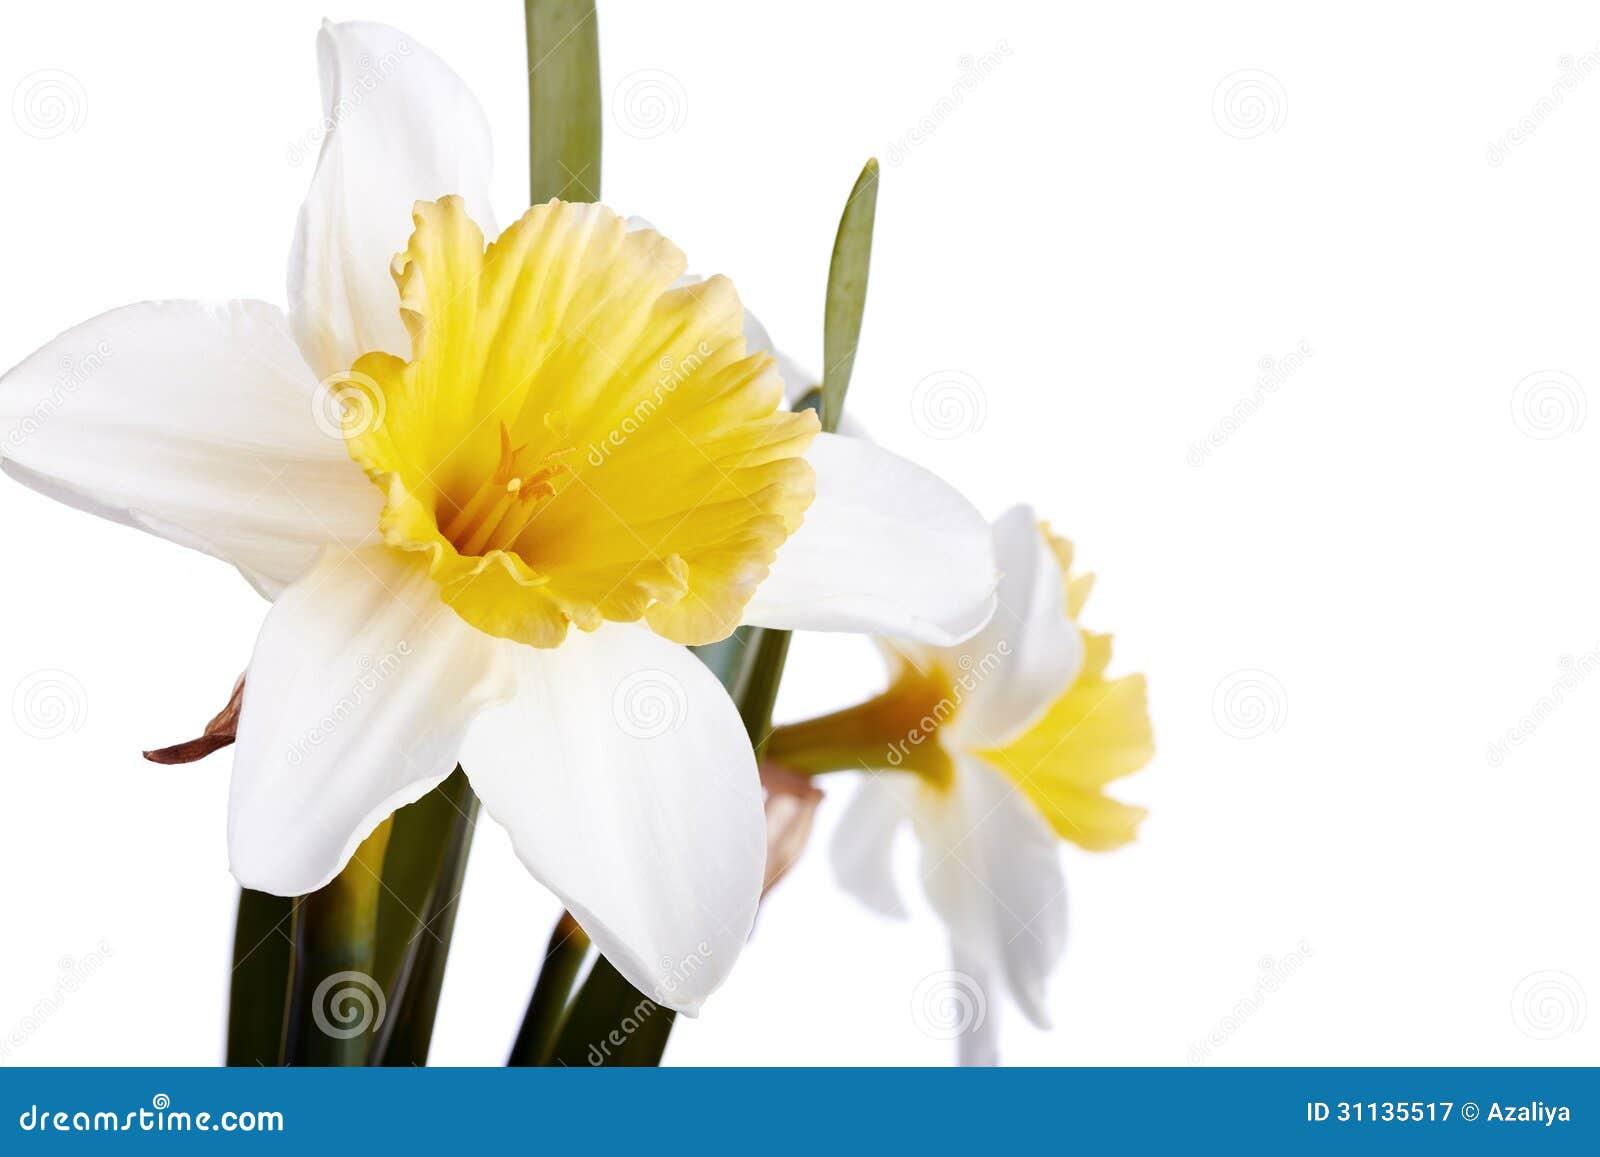 Bianco con giallo un narciso su un fondo bianco for Narciso giallo